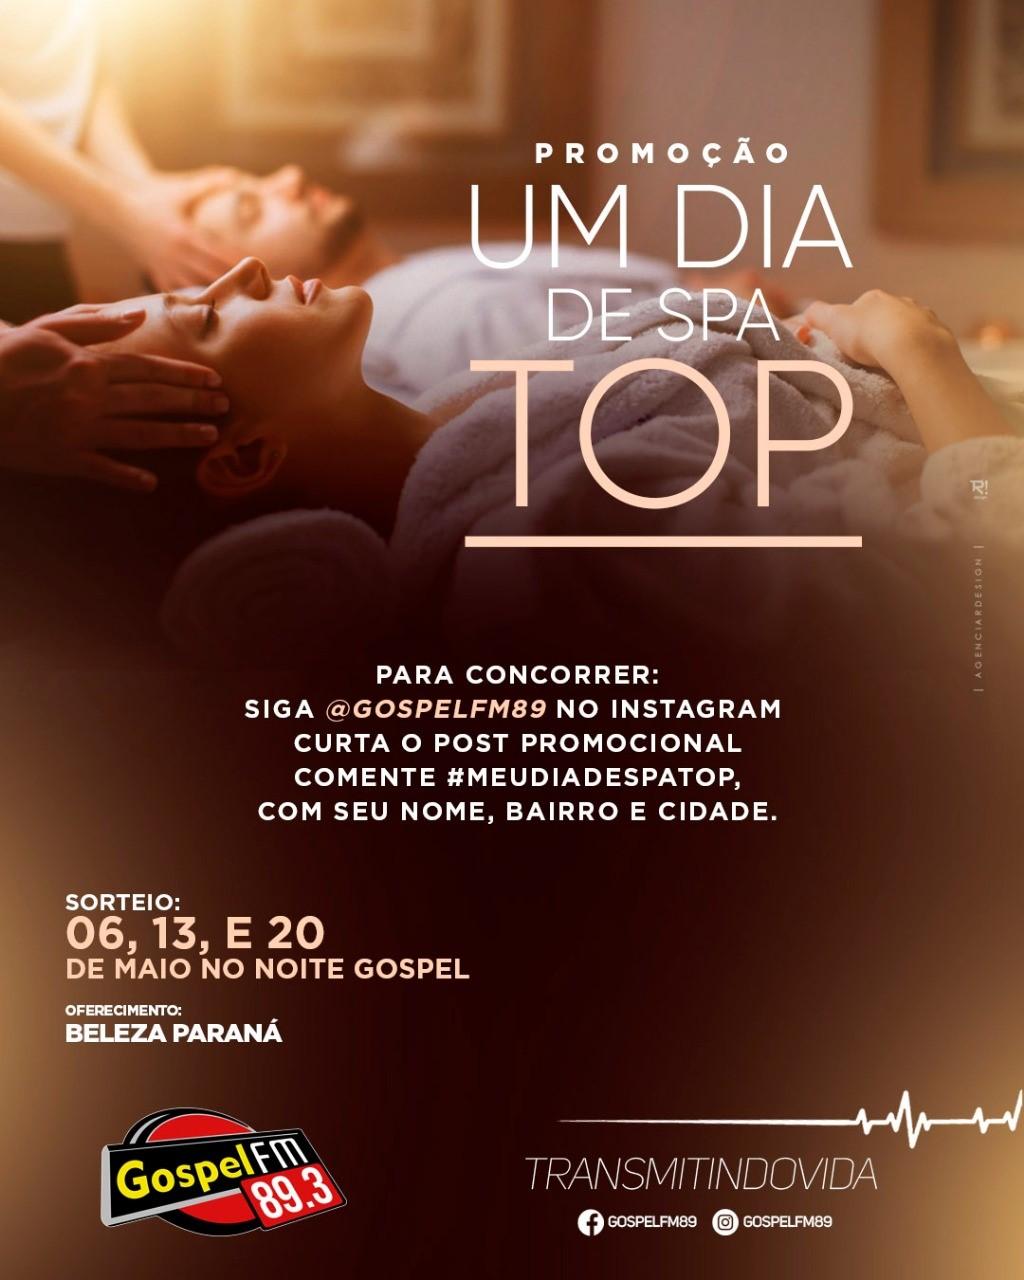 UM DIA DE SPA TOP